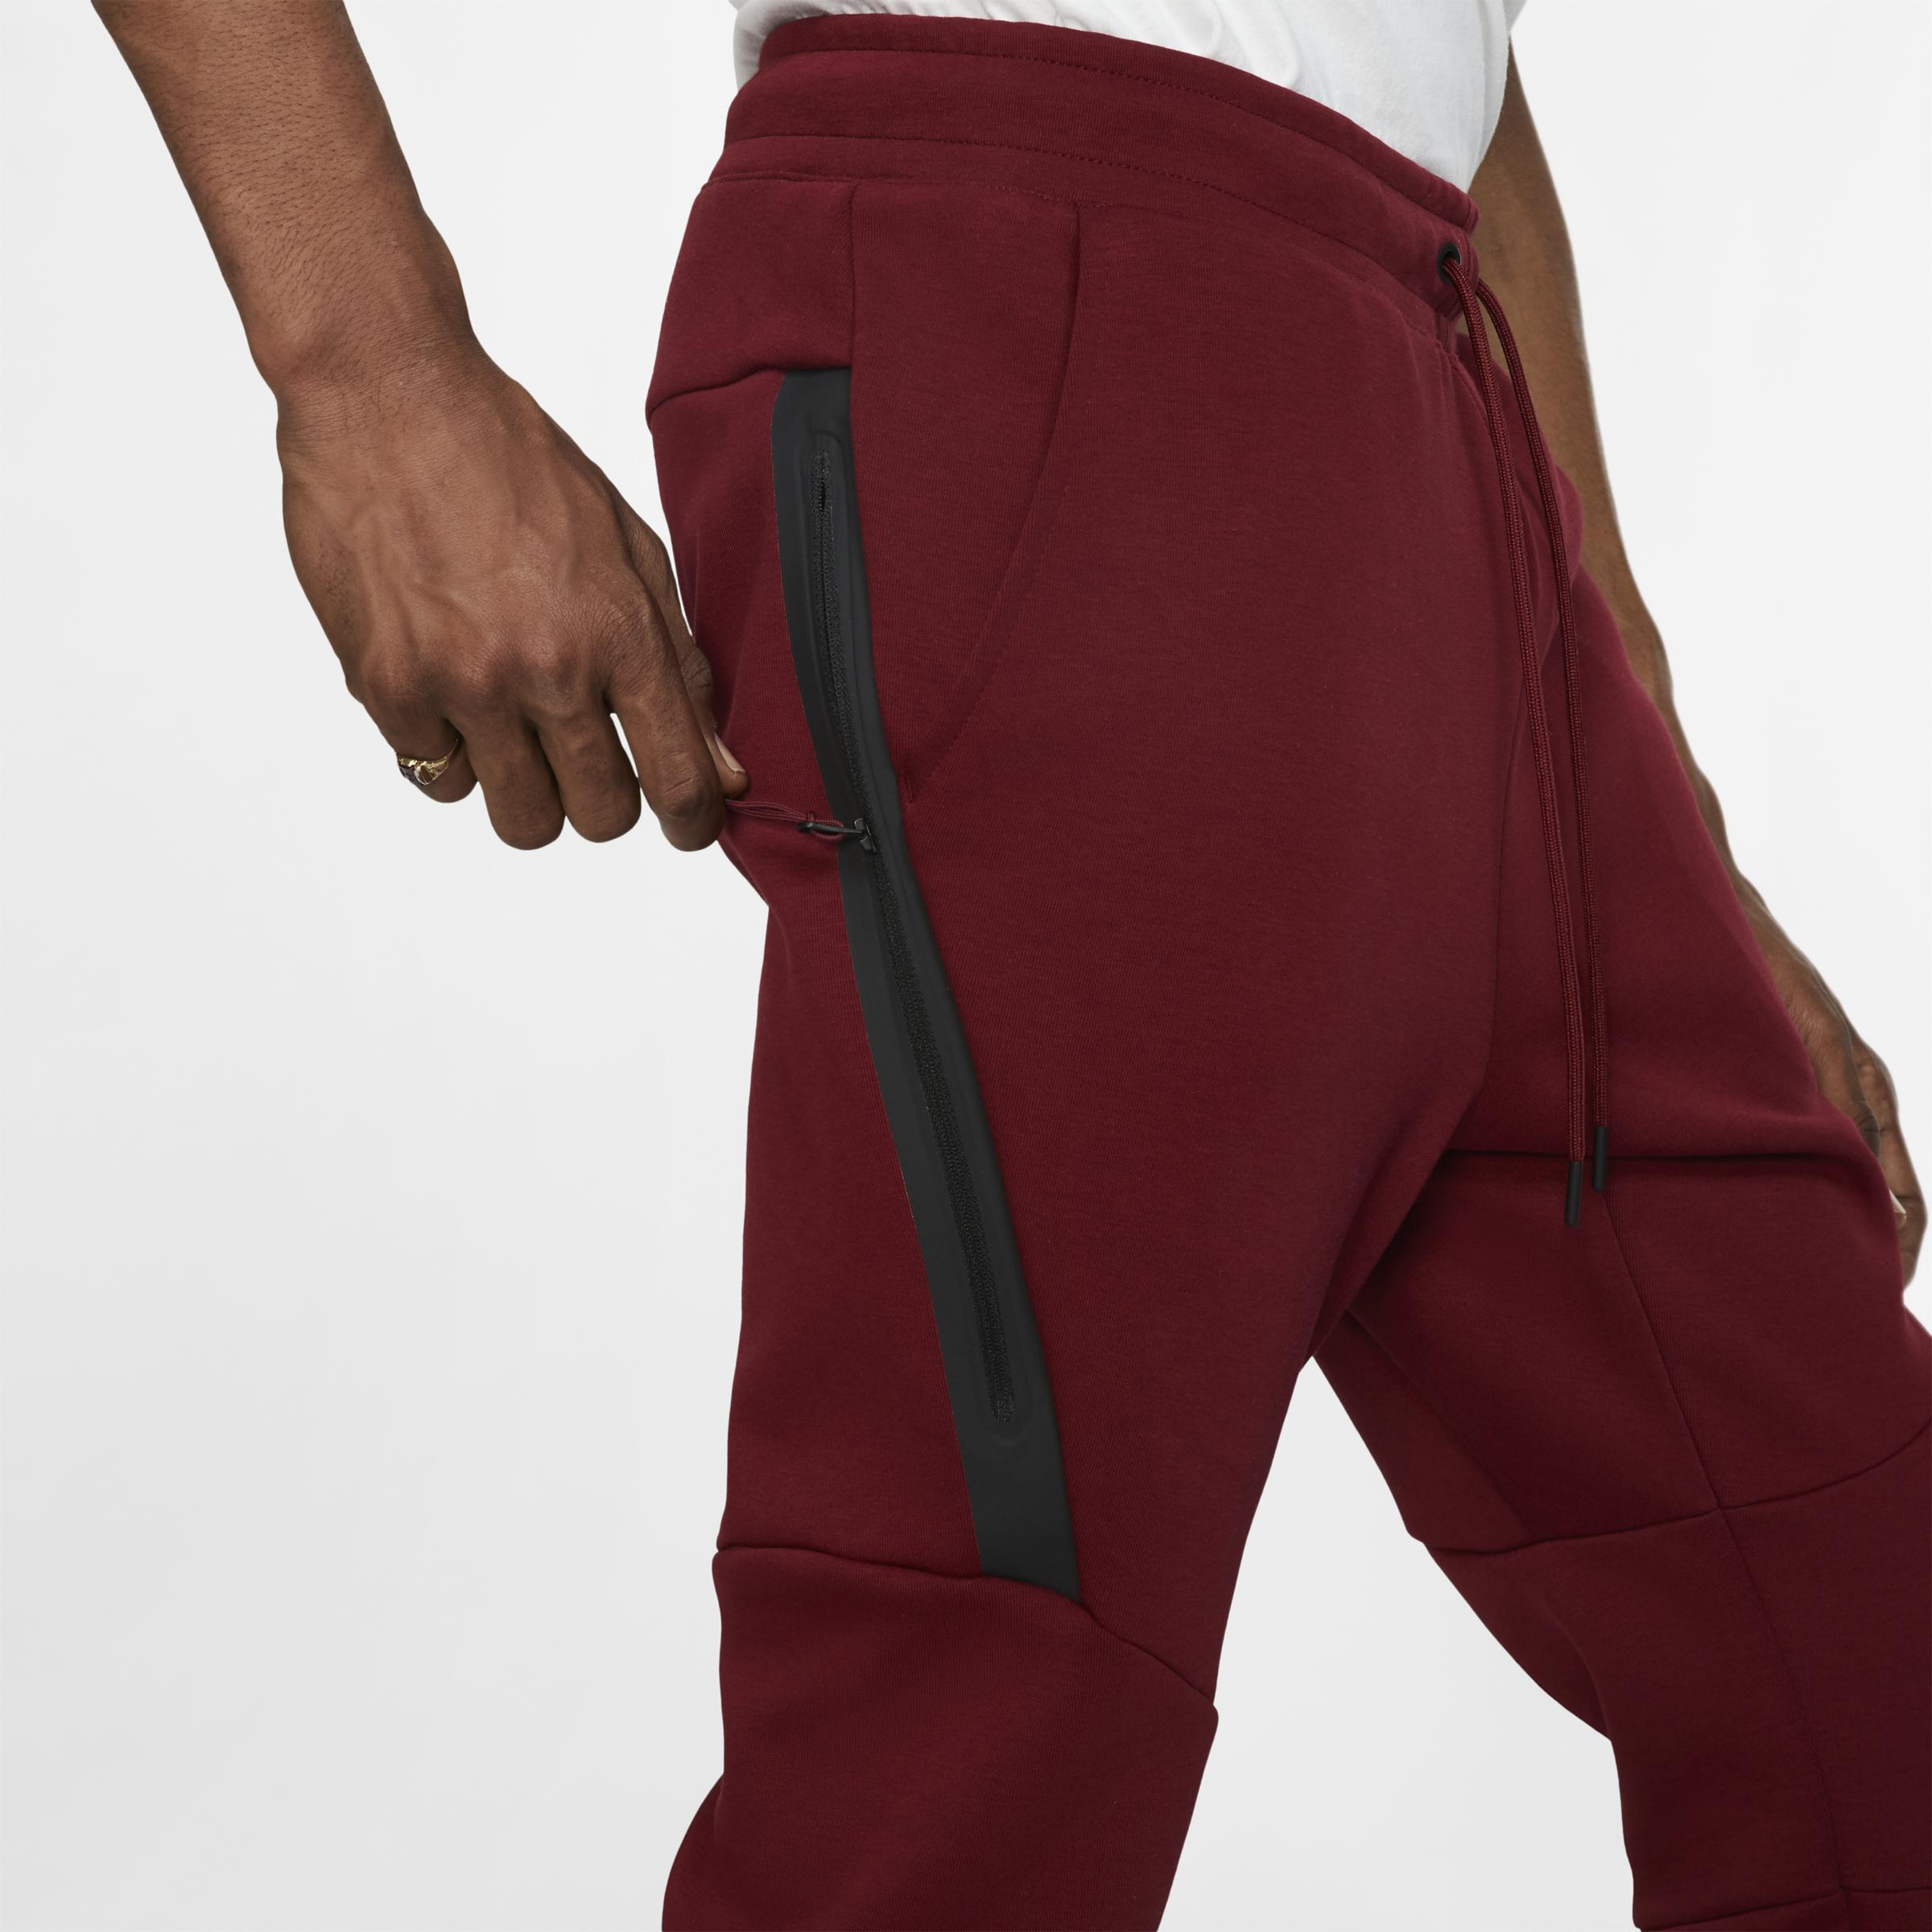 Homme Pantalon De Fleece Pour Tech Jogging Rouge Coloris Sportswear 4j53RLA